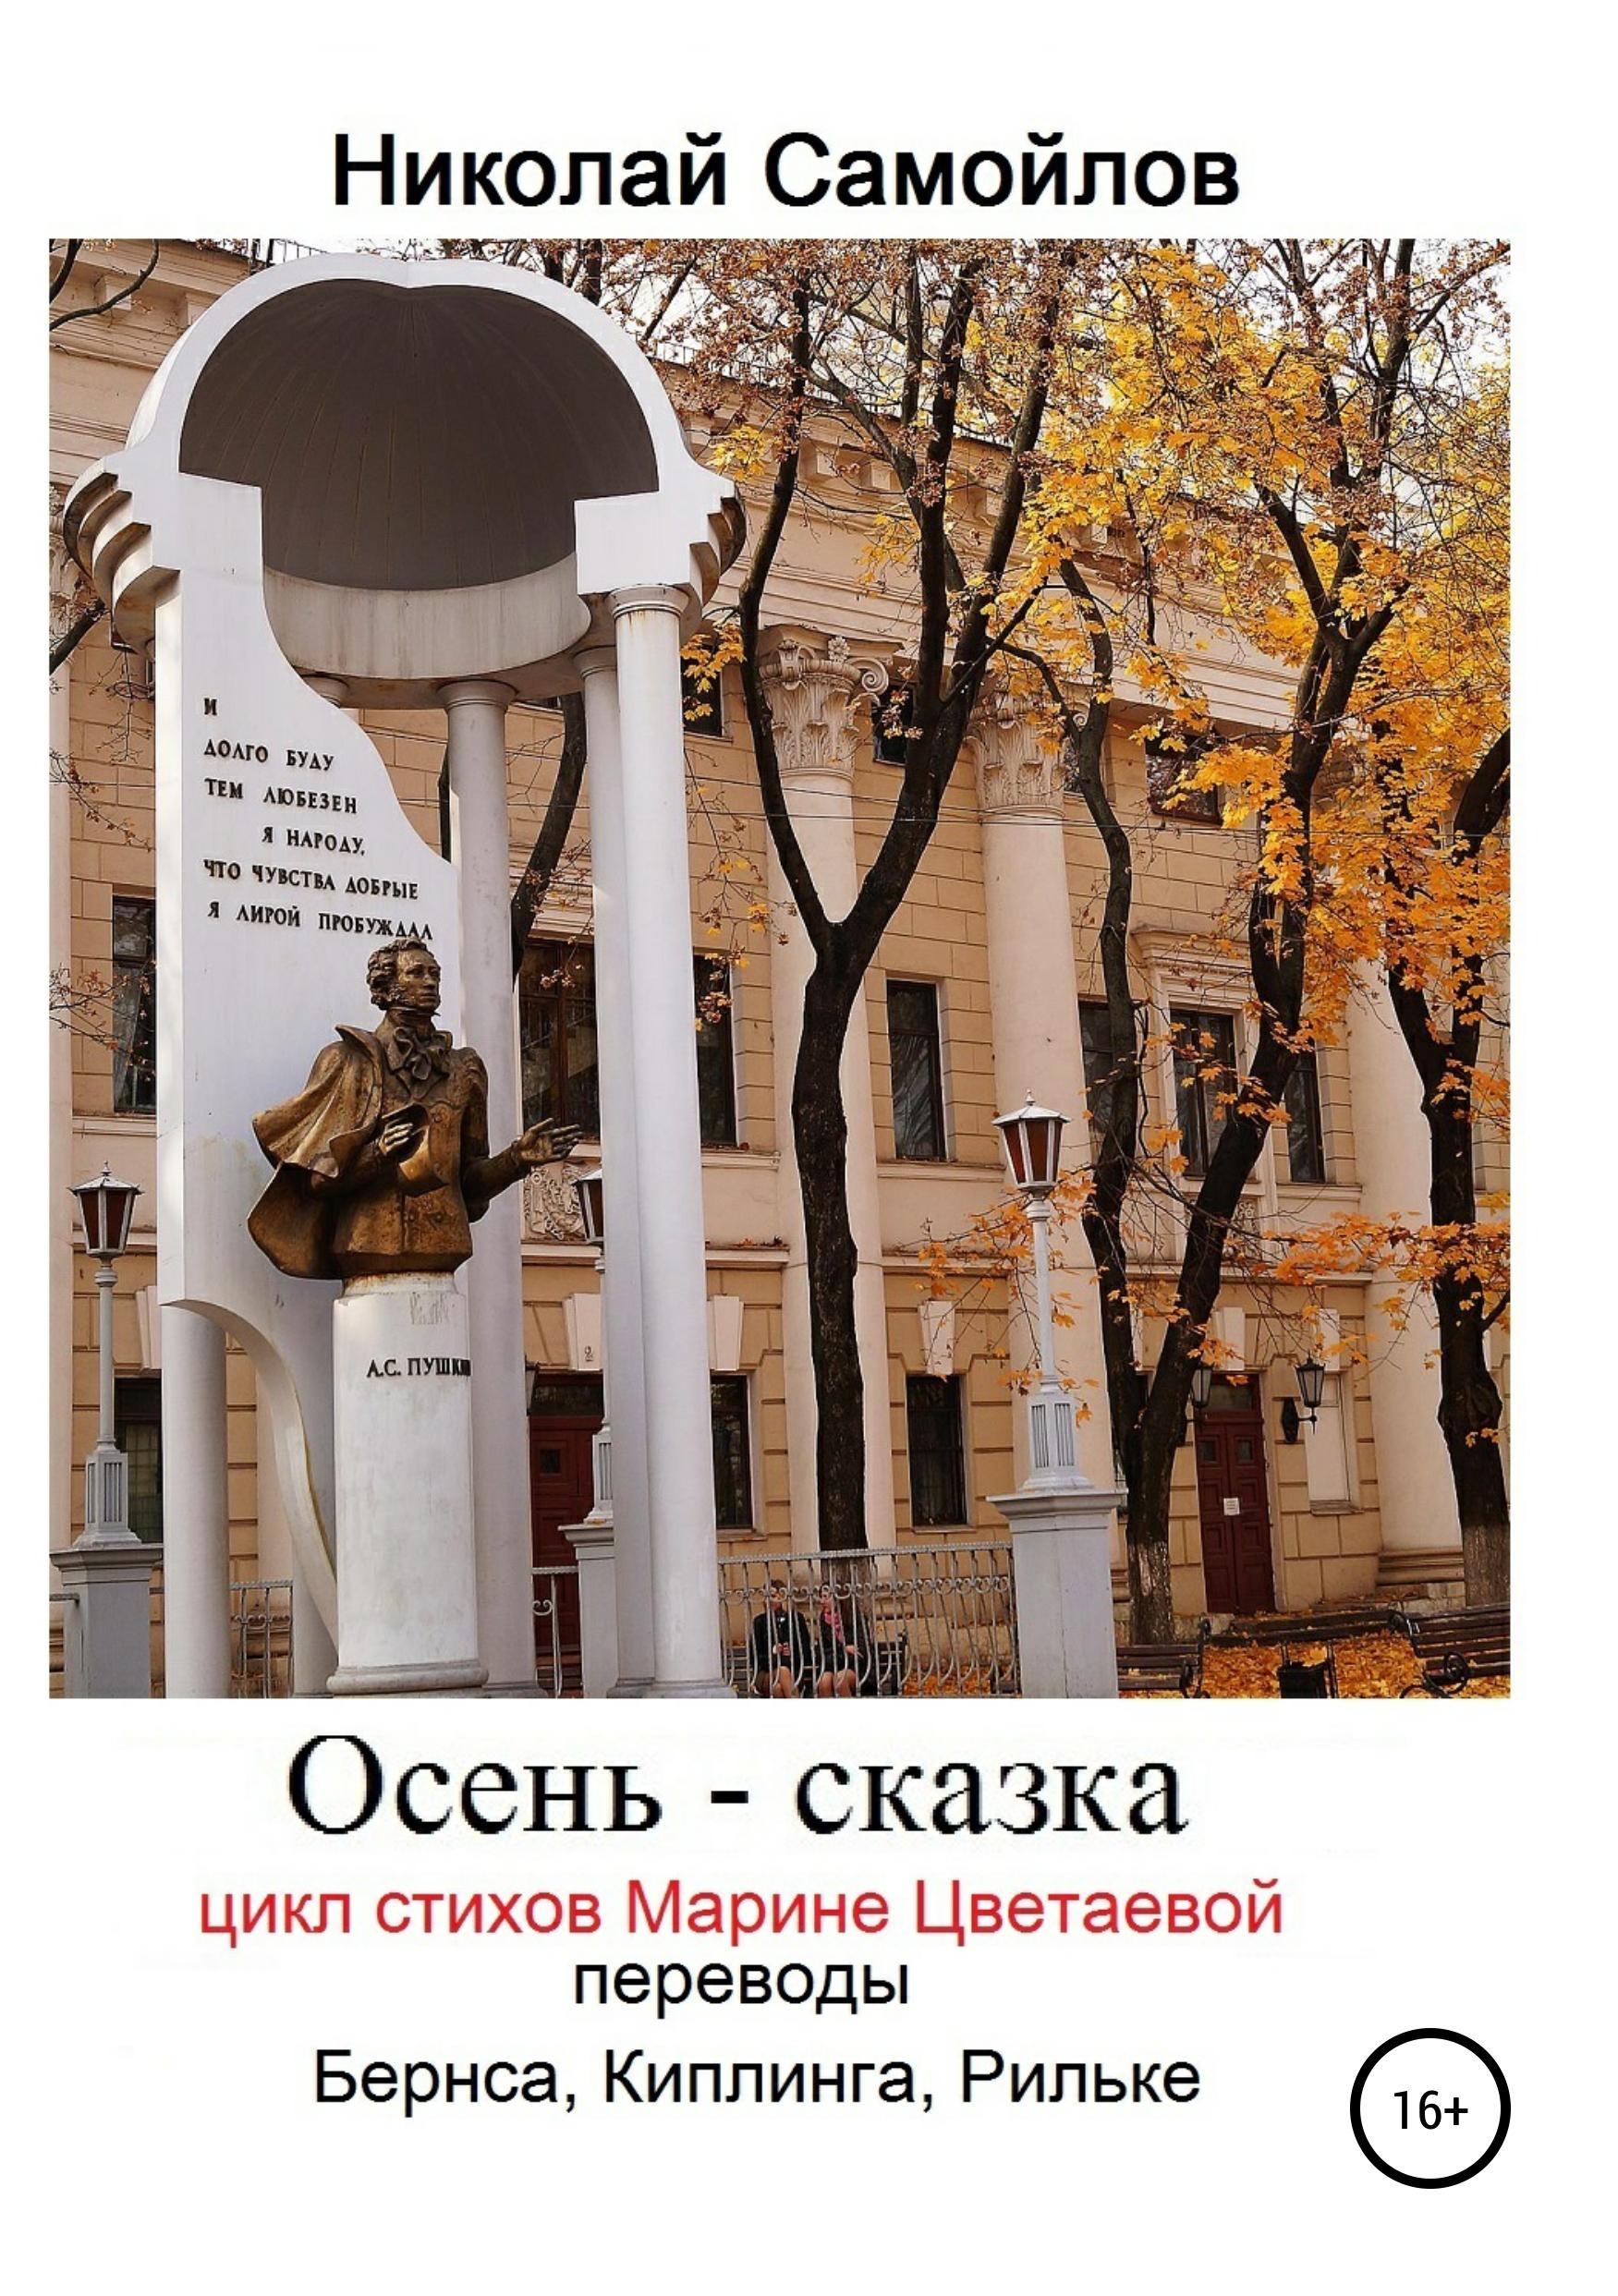 Осень – сказка. Цикл стихов Марине Цветаевой, переводы Бернса, Киплинга, Рильке